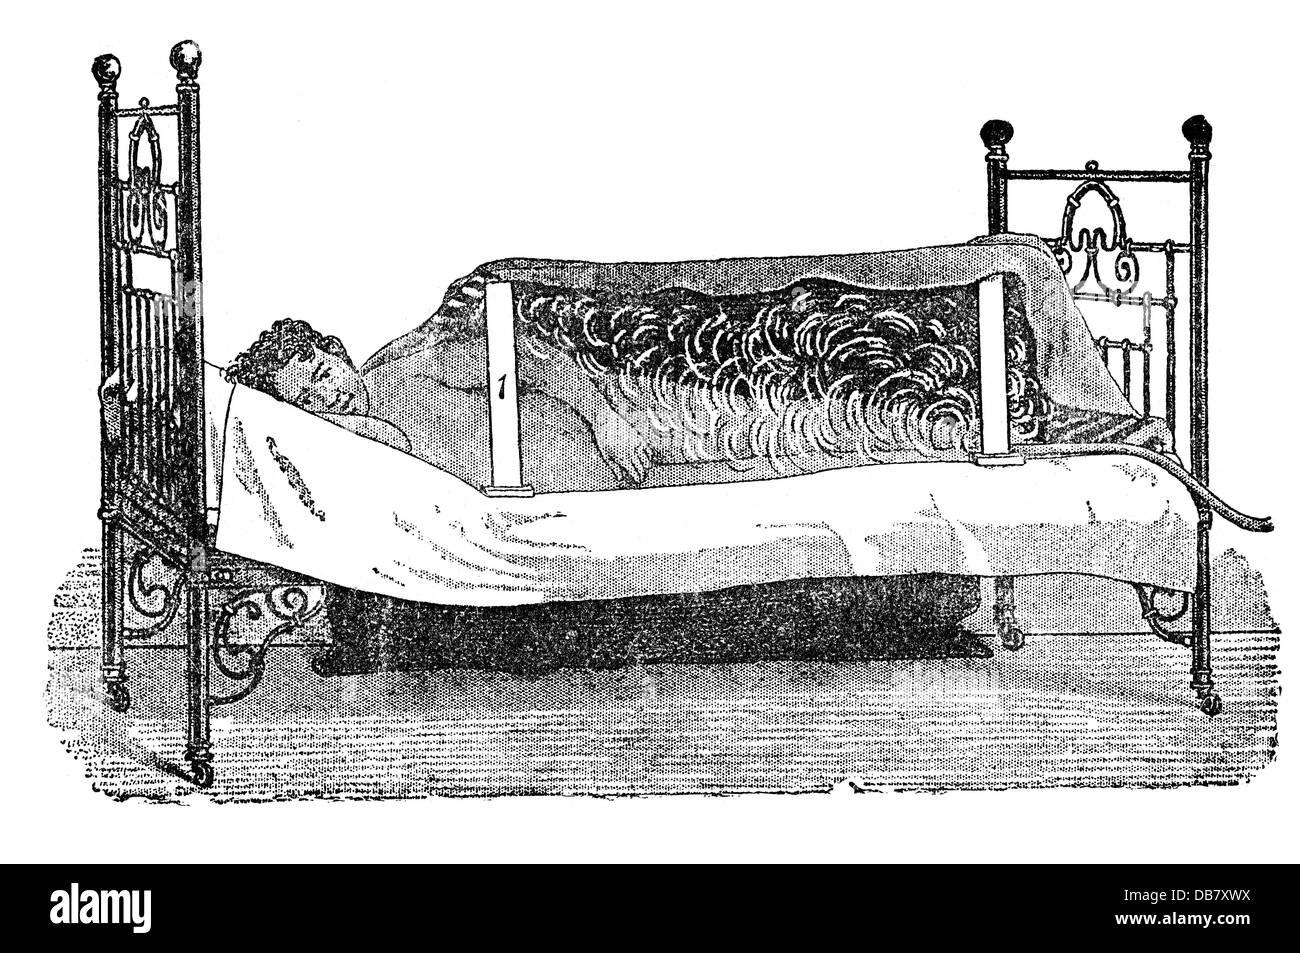 https://c8.alamy.com/compit/db7xwx/trattamento-di-medicina-di-bagni-di-vapore-corpo-pieno-di-vapore-nel-letto-incisione-su-legno-da-friedrich-eduard-bilz-naturopatica-nuovo-db7xwx.jpg